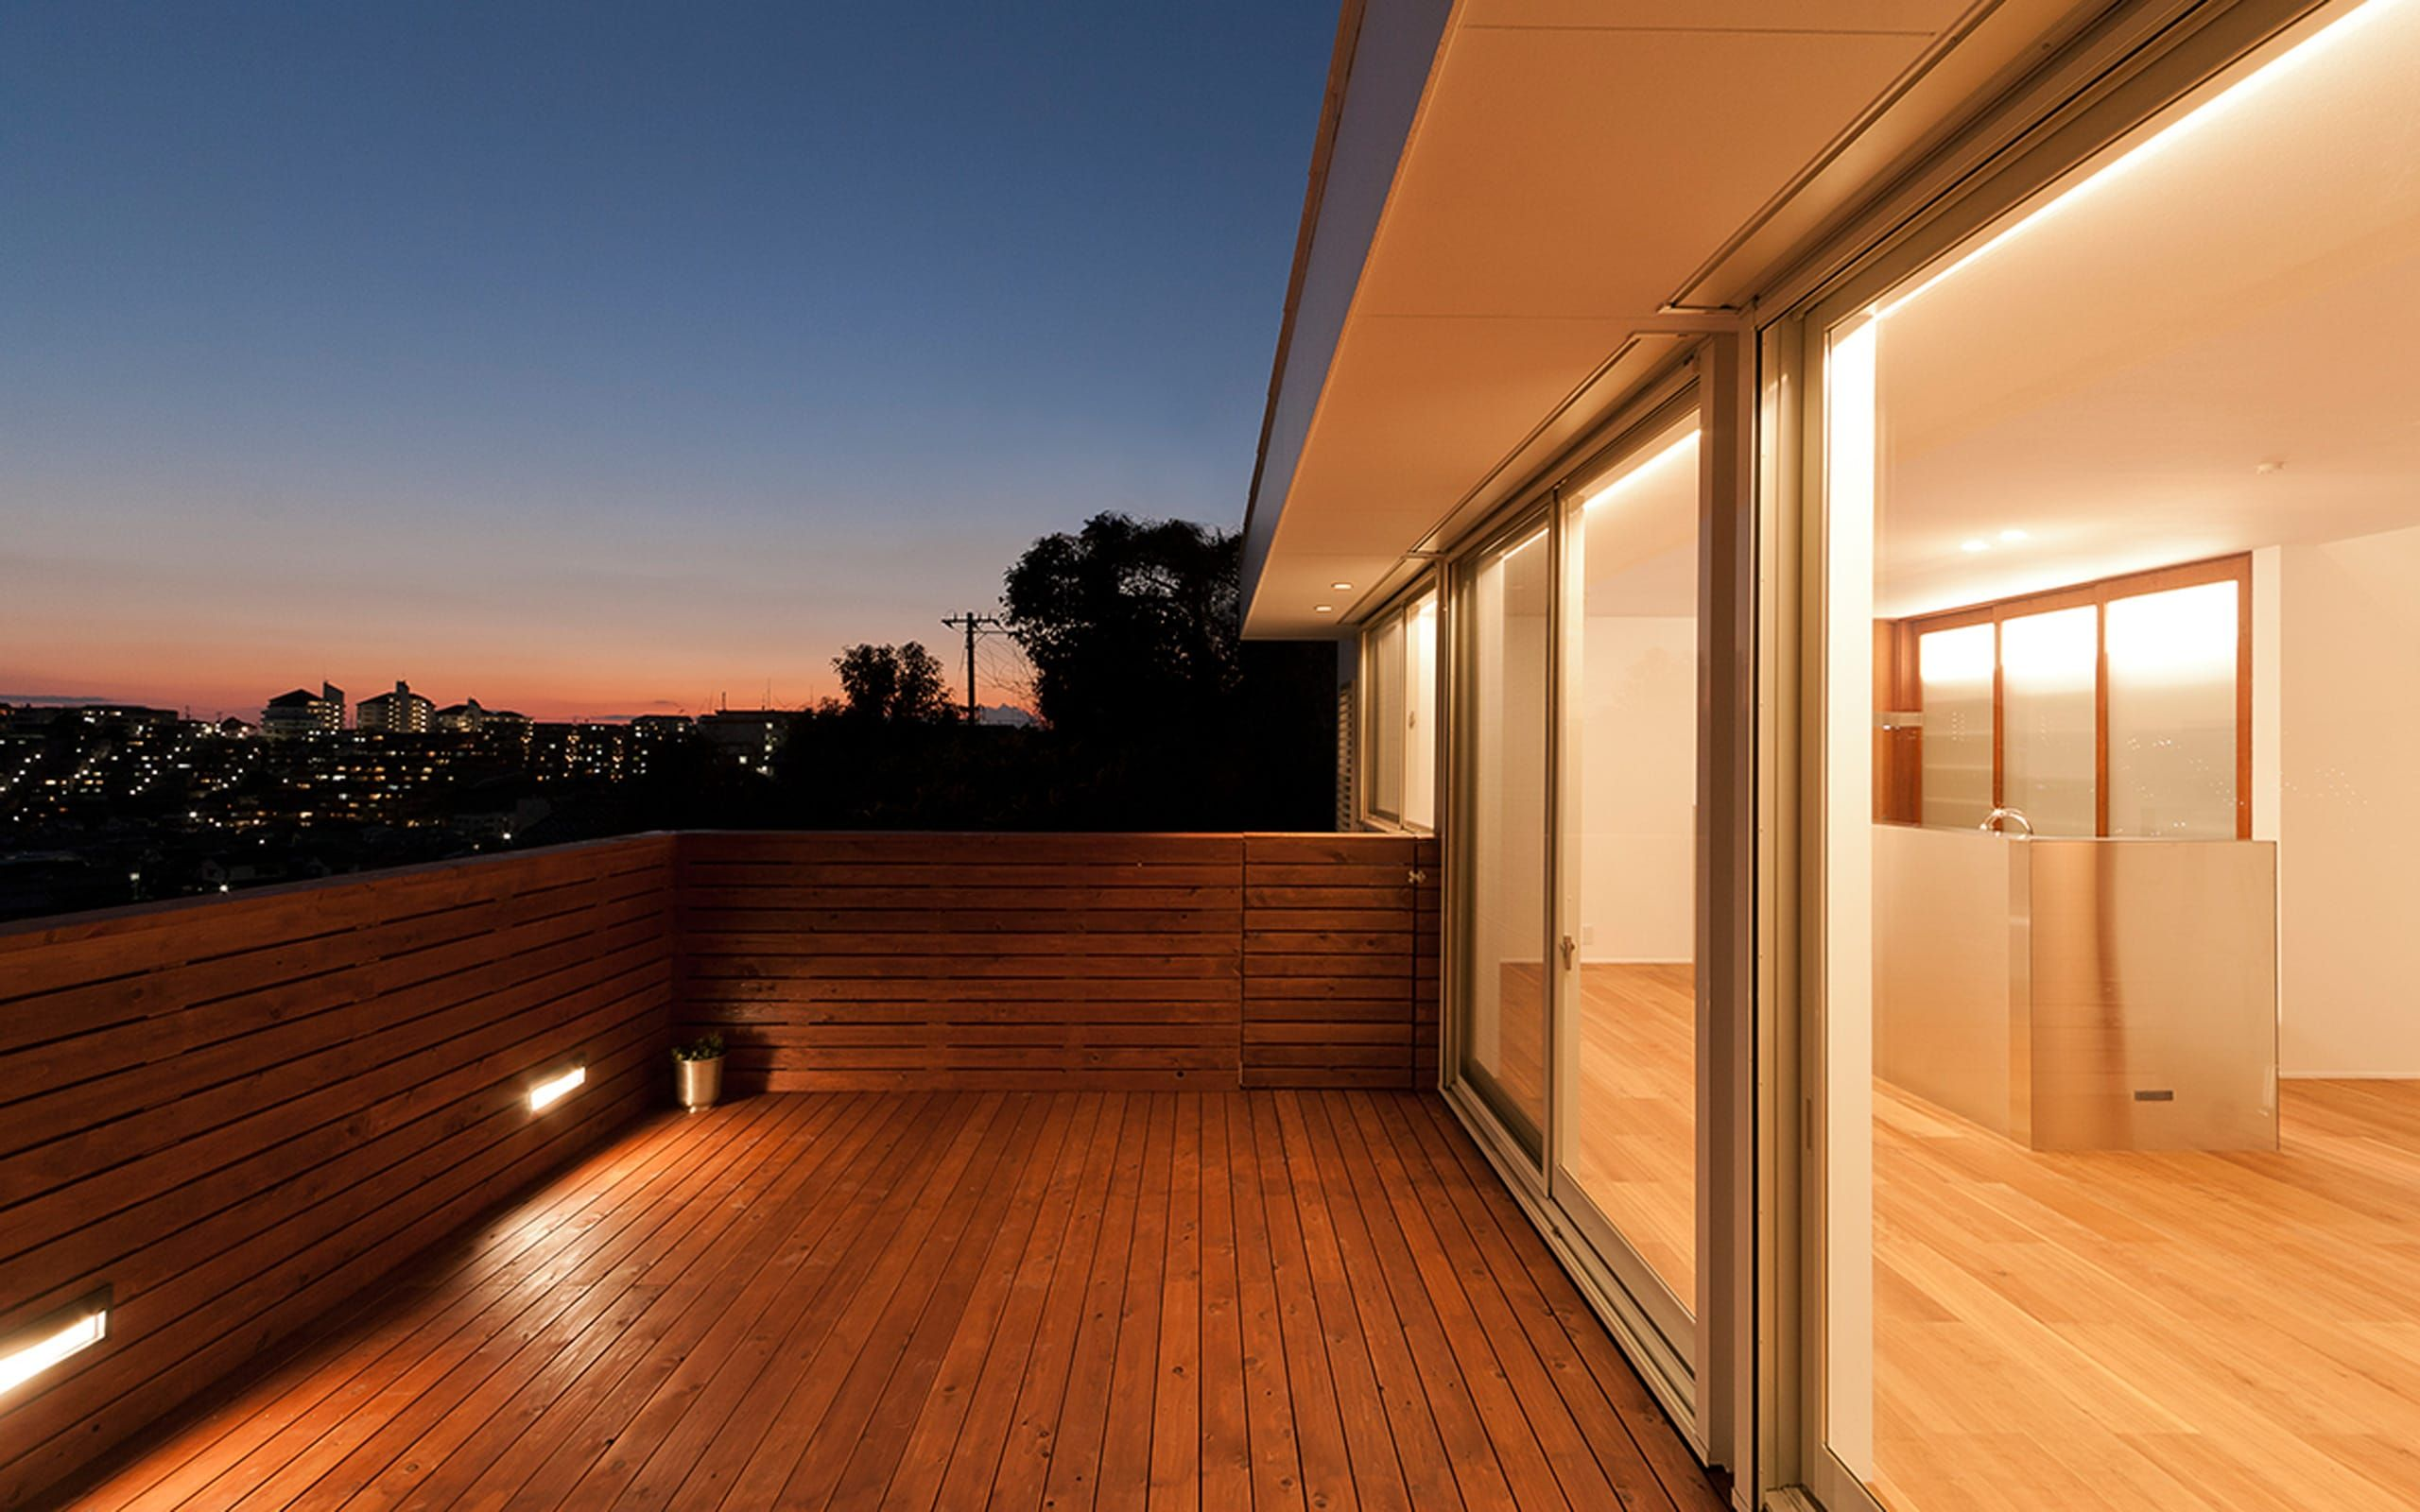 絶景 海を望む白い家の外構 デッキテラス 1 L D Homes の